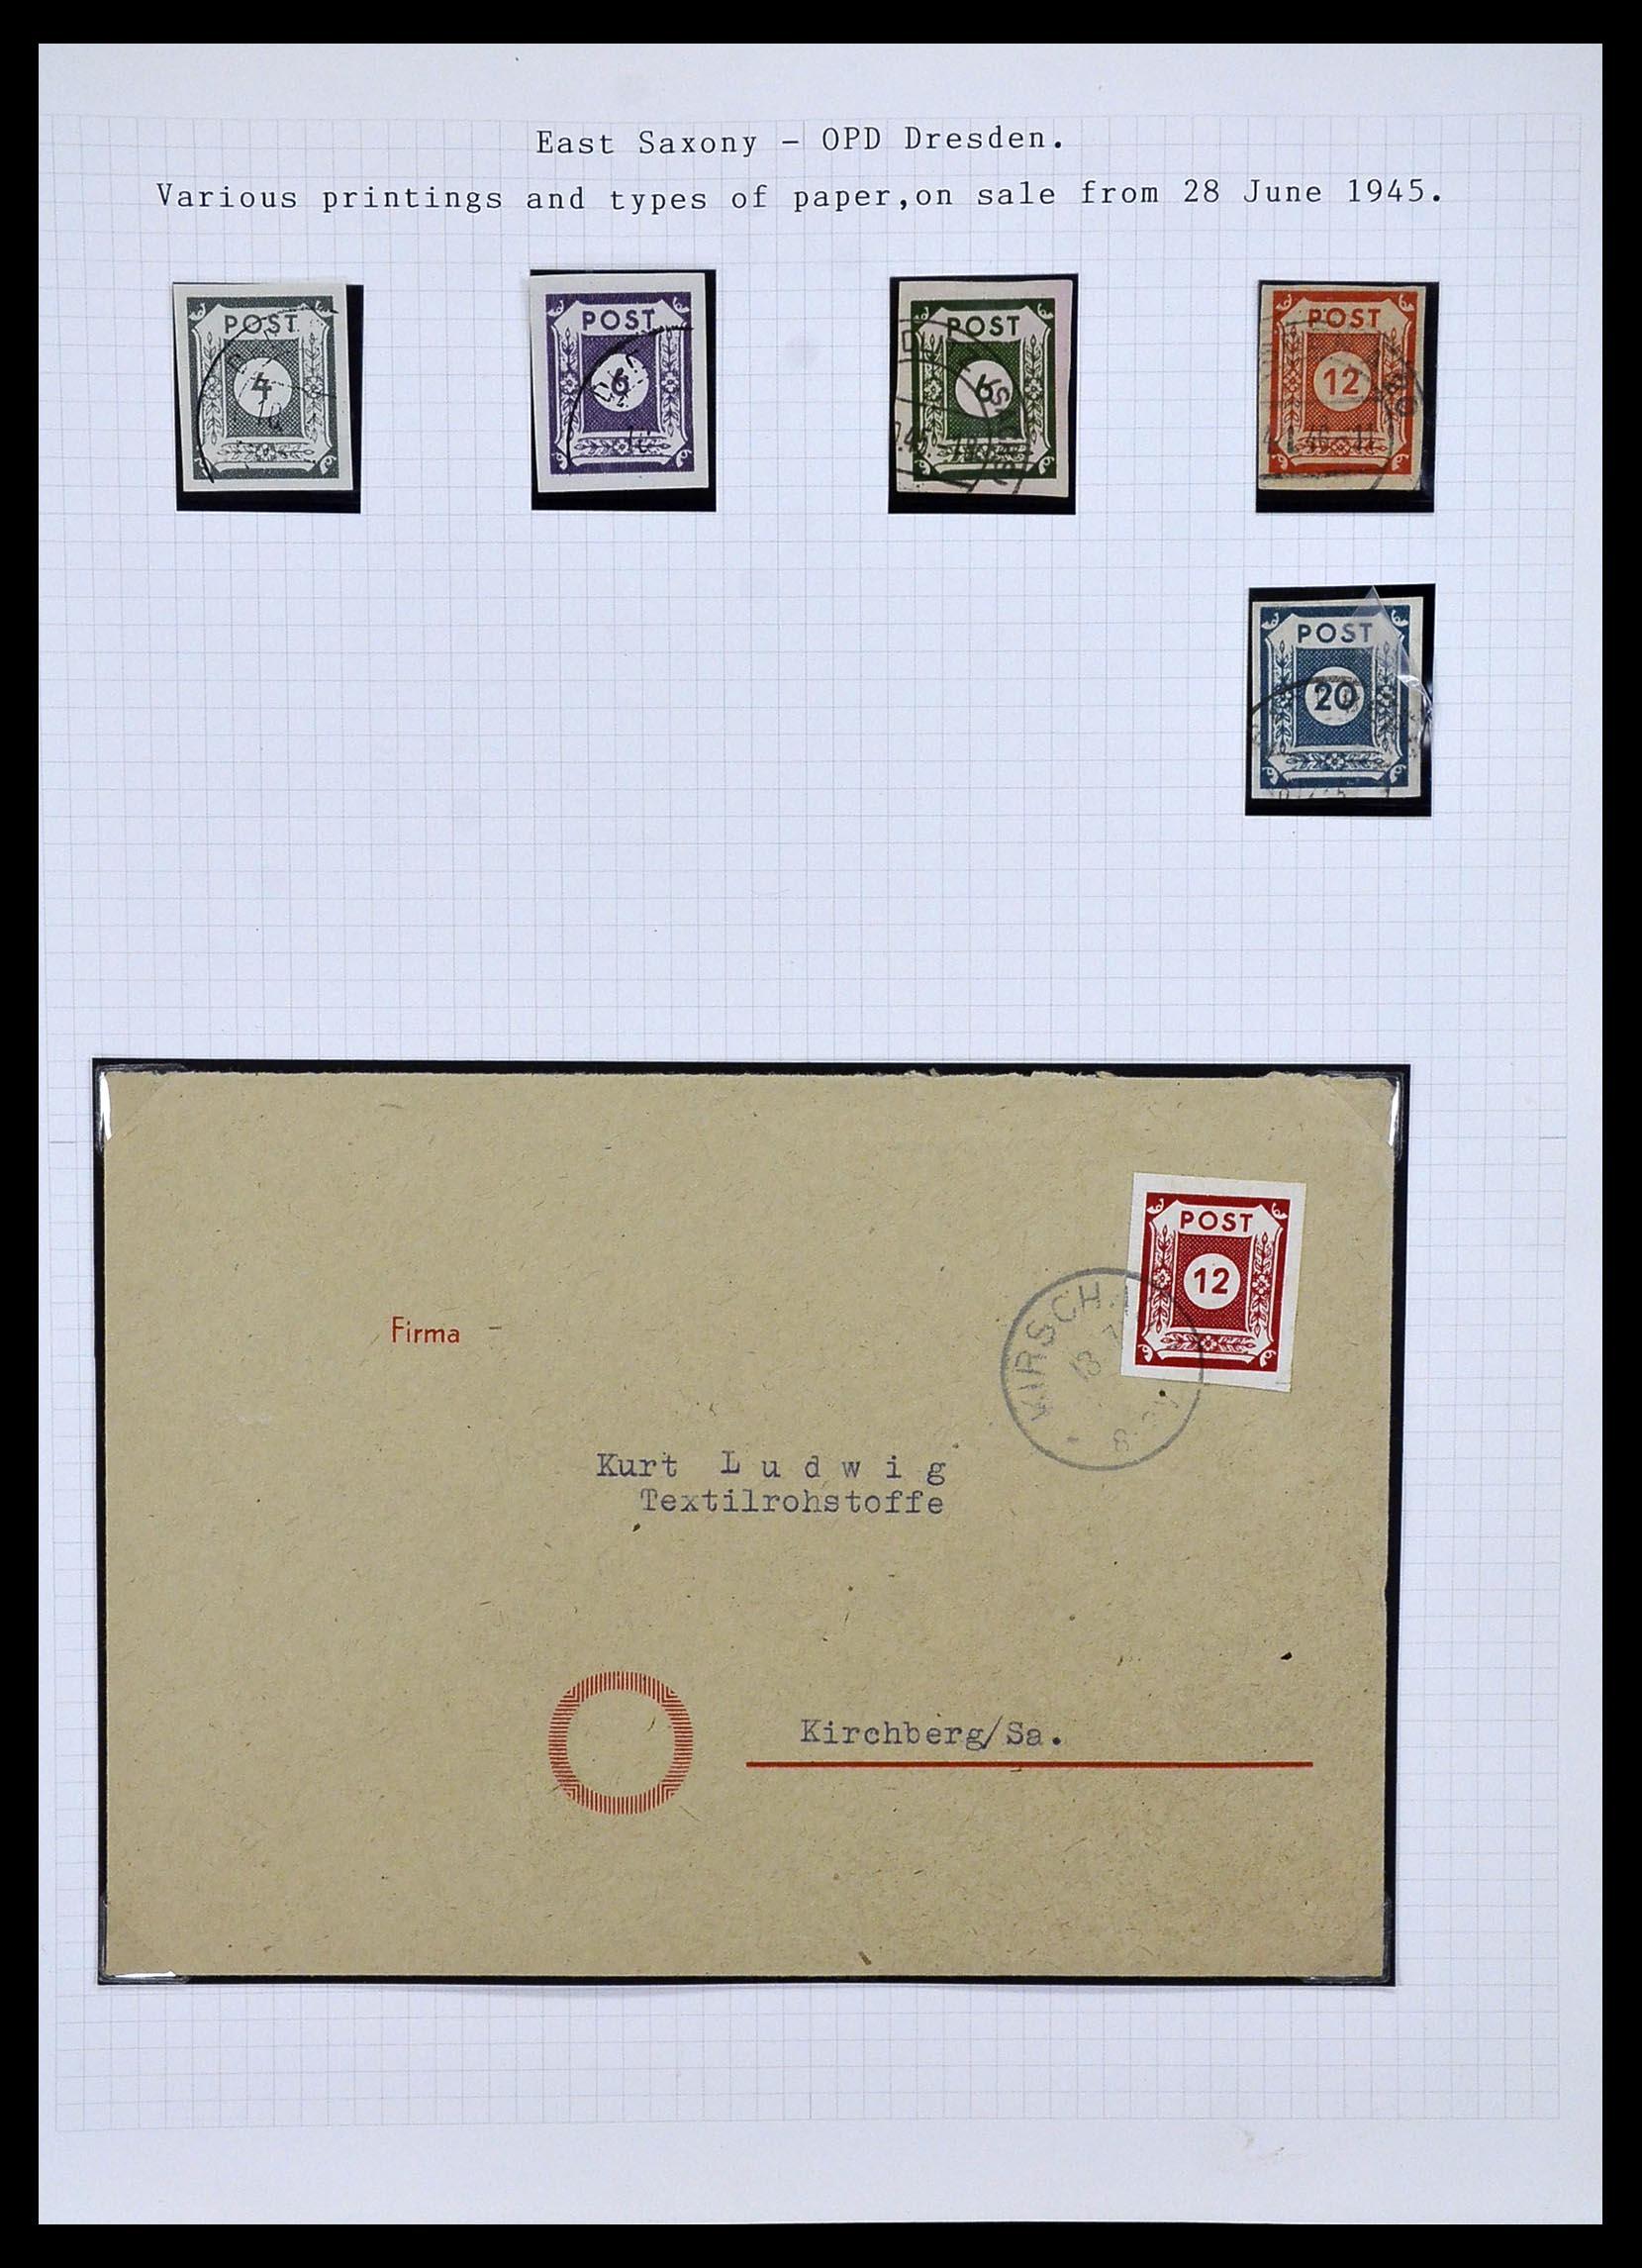 34032 001 - Postzegelverzameling 34032 Duitse Zones 1945-1948.